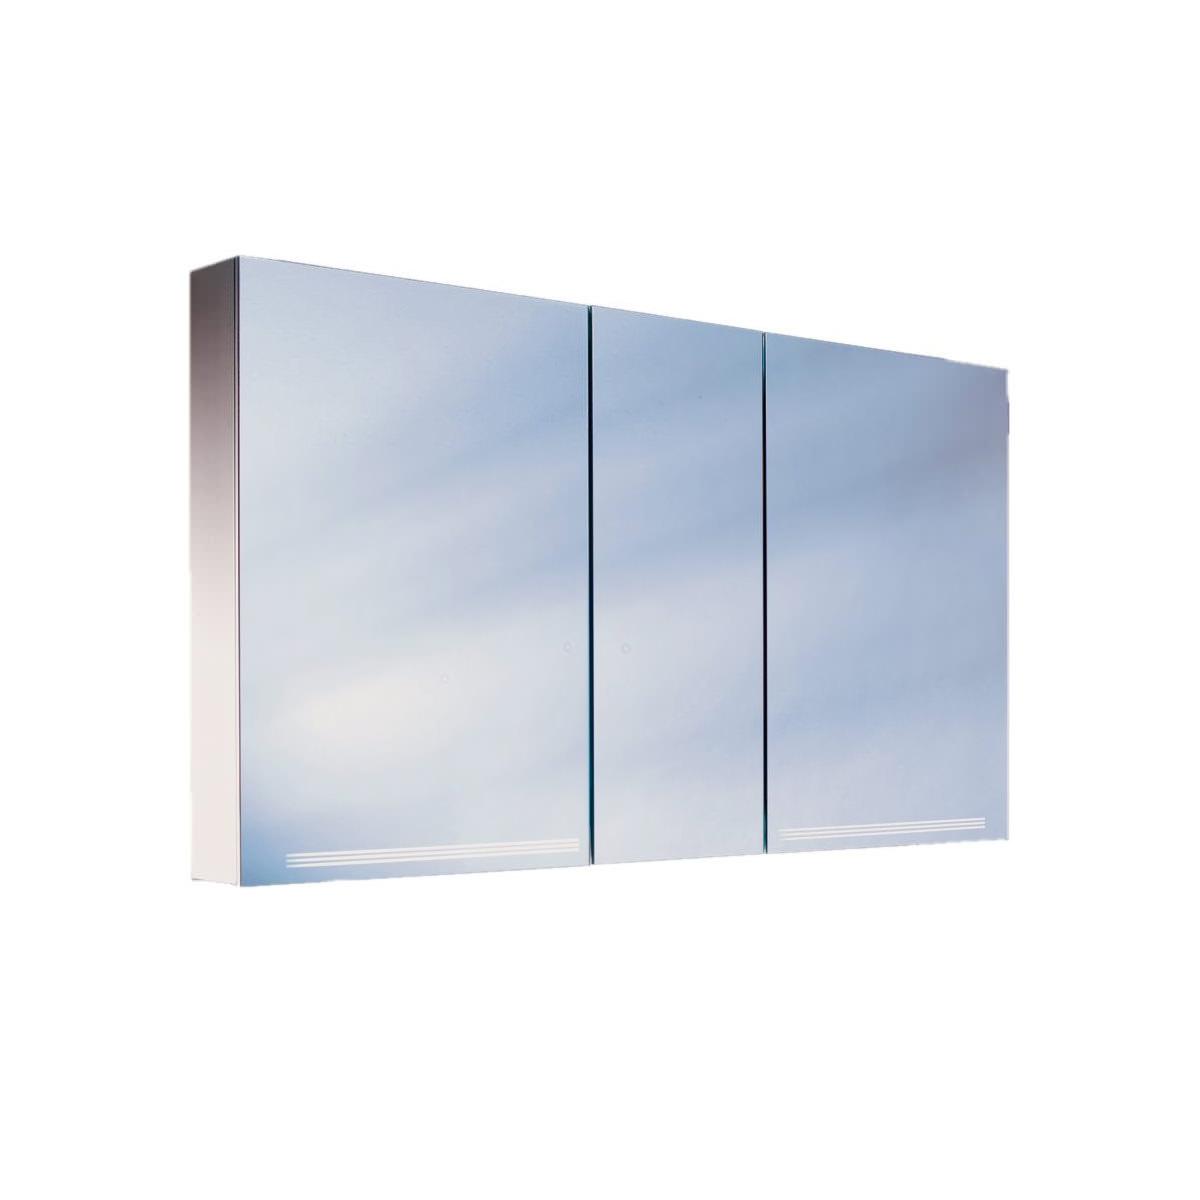 Schneider graceline 3 door 1300mm mirror cabinet with led for Big door mirror